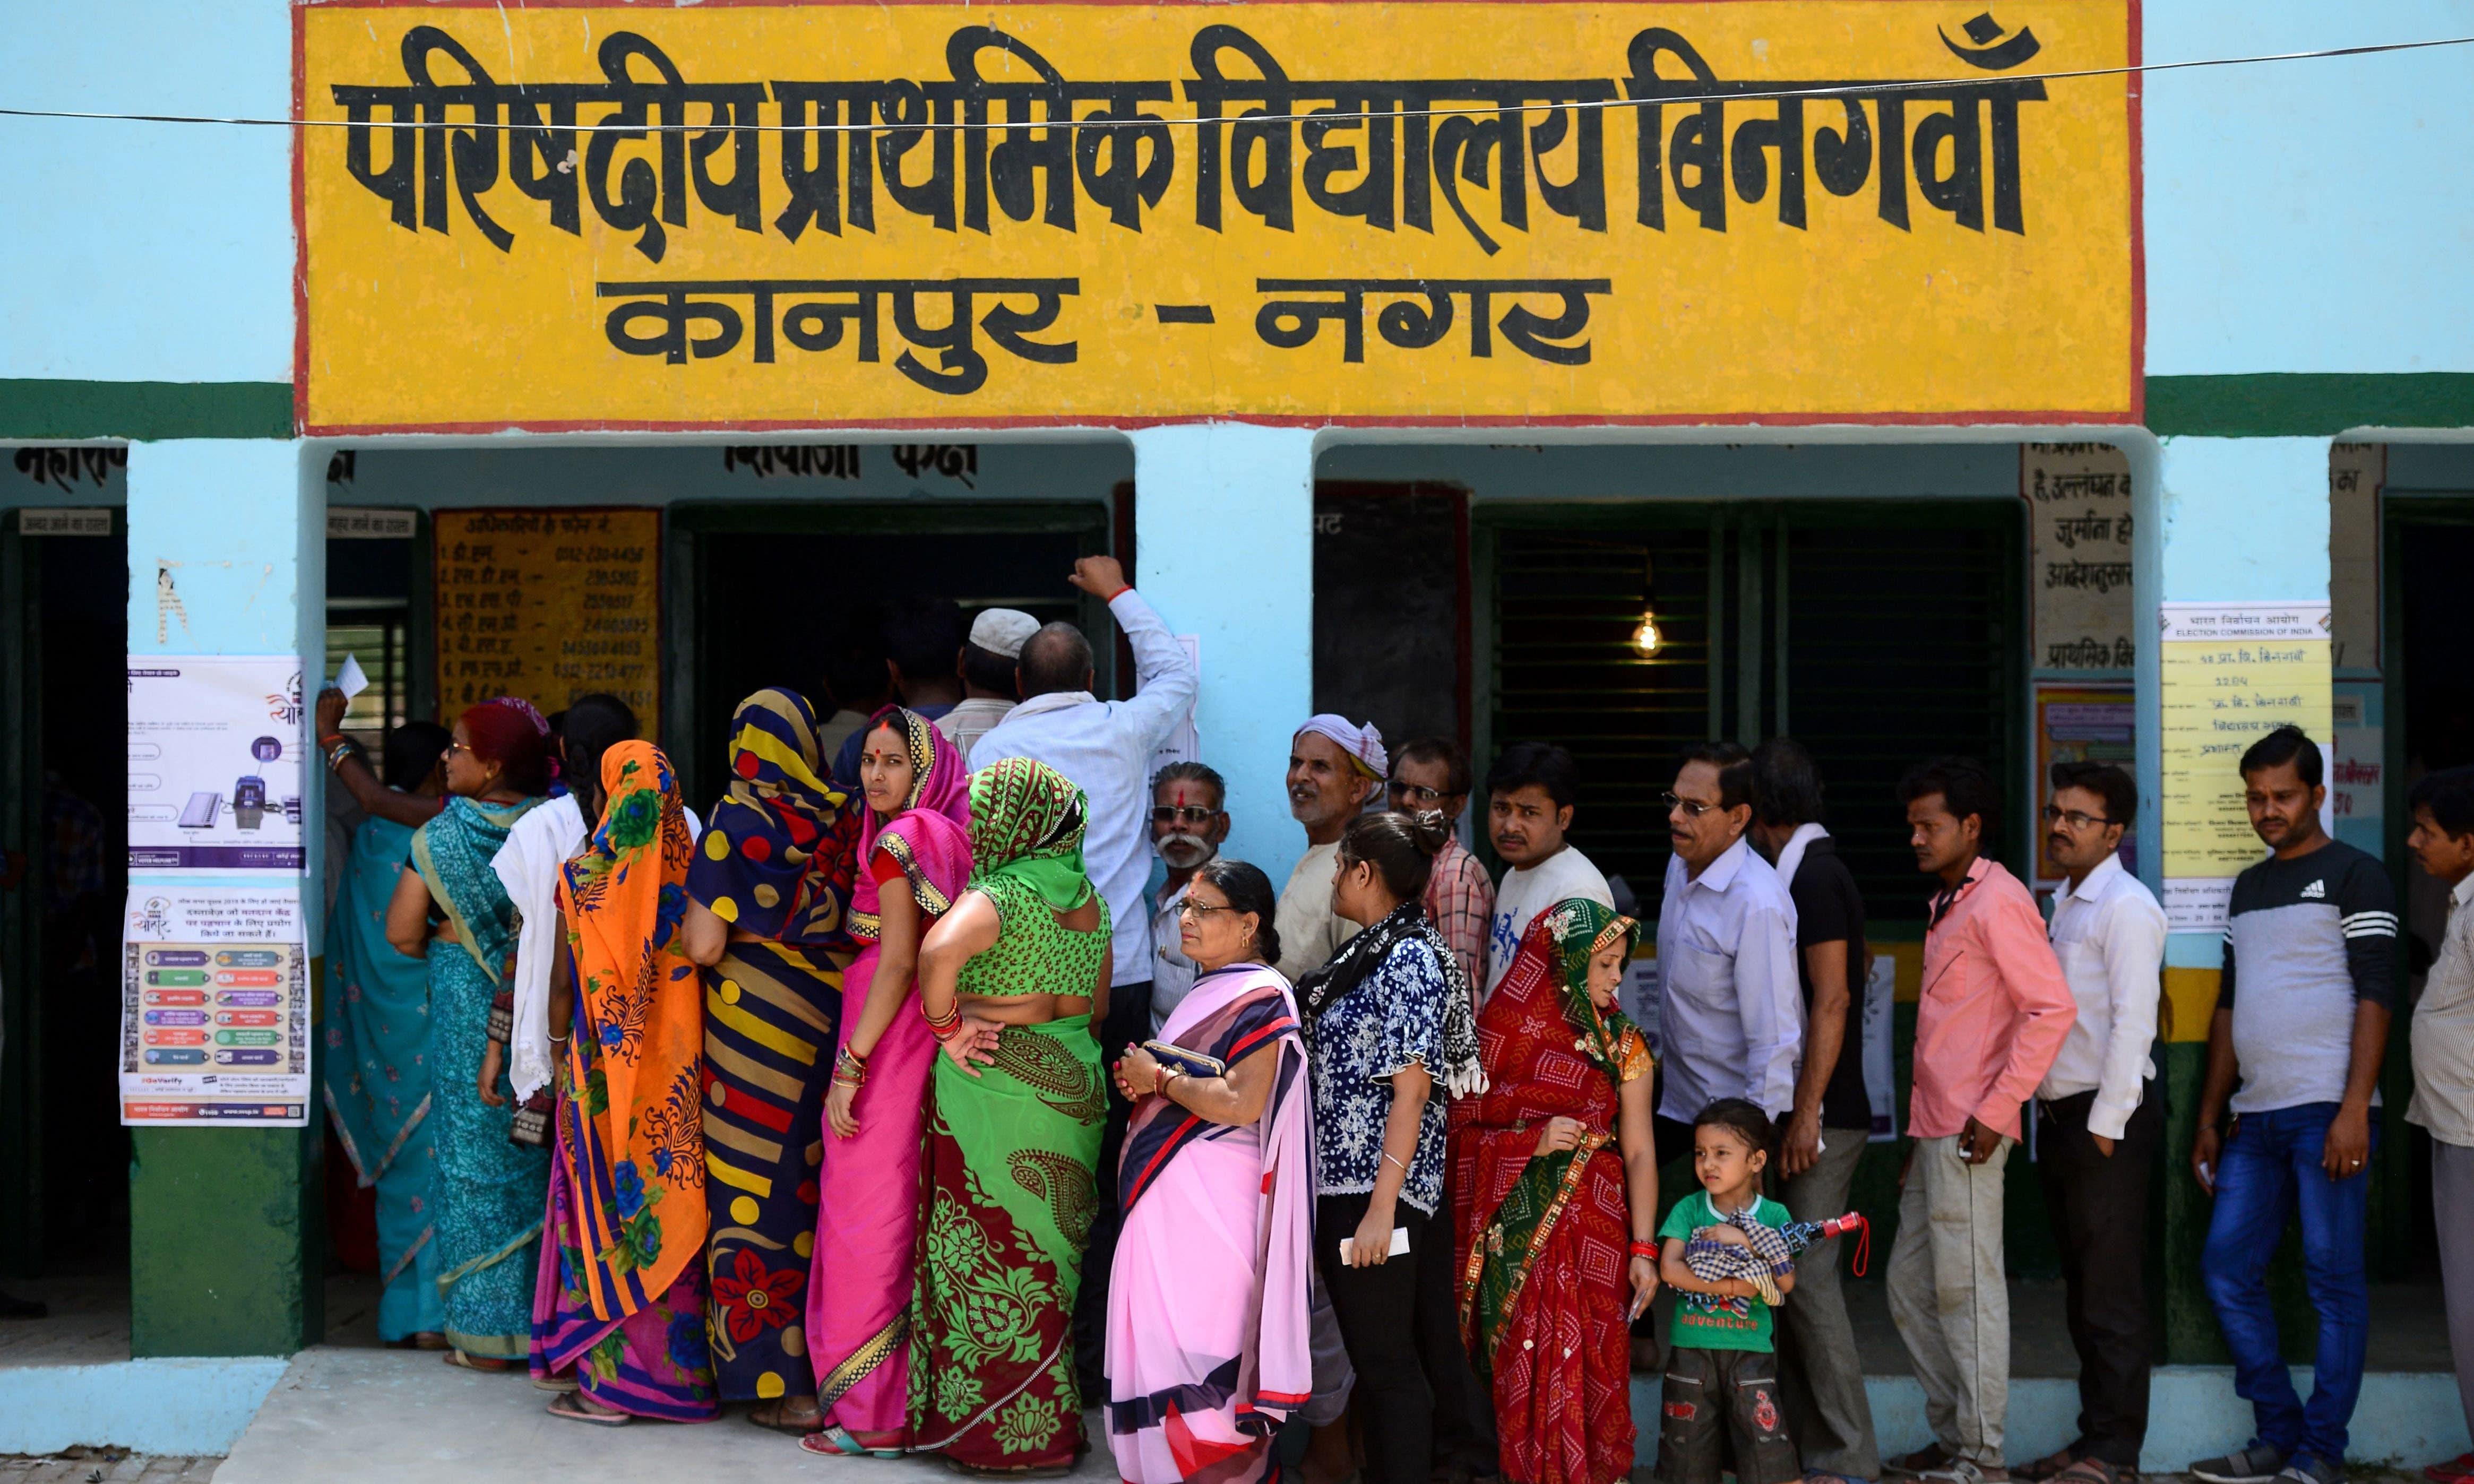 چوتھے مرحلے میں اپنا ووٹ کاسٹ کرنے کے لیے بھارتی عوام بڑی تعداد میں پولنگ اسٹیشن پہنچی —فوٹو/ اے ایف پی